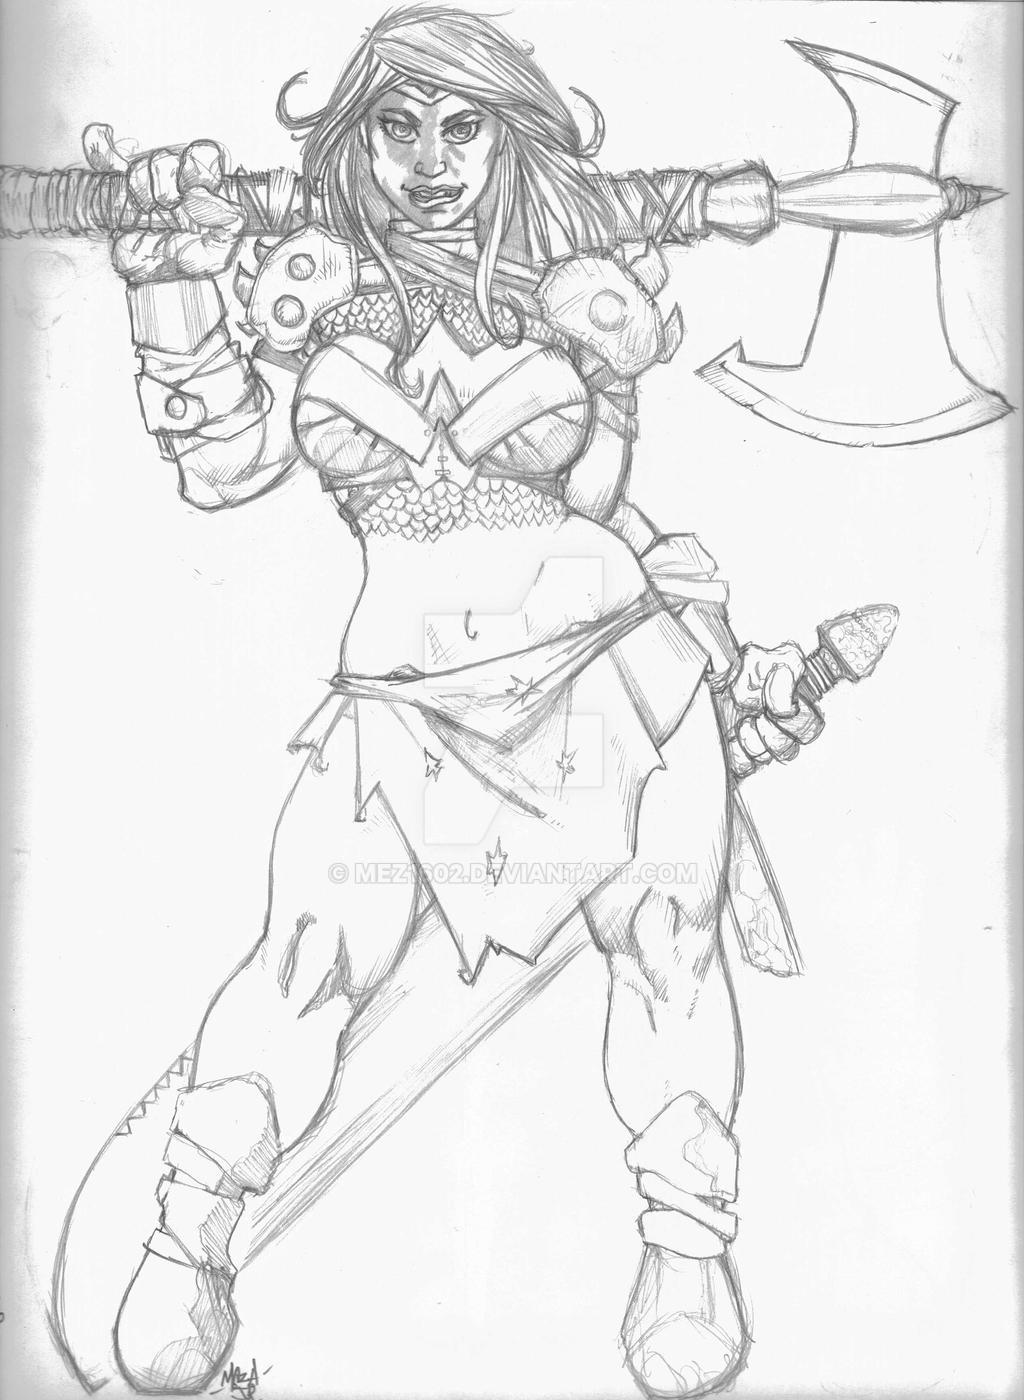 WW Warrior sketch by mez1602